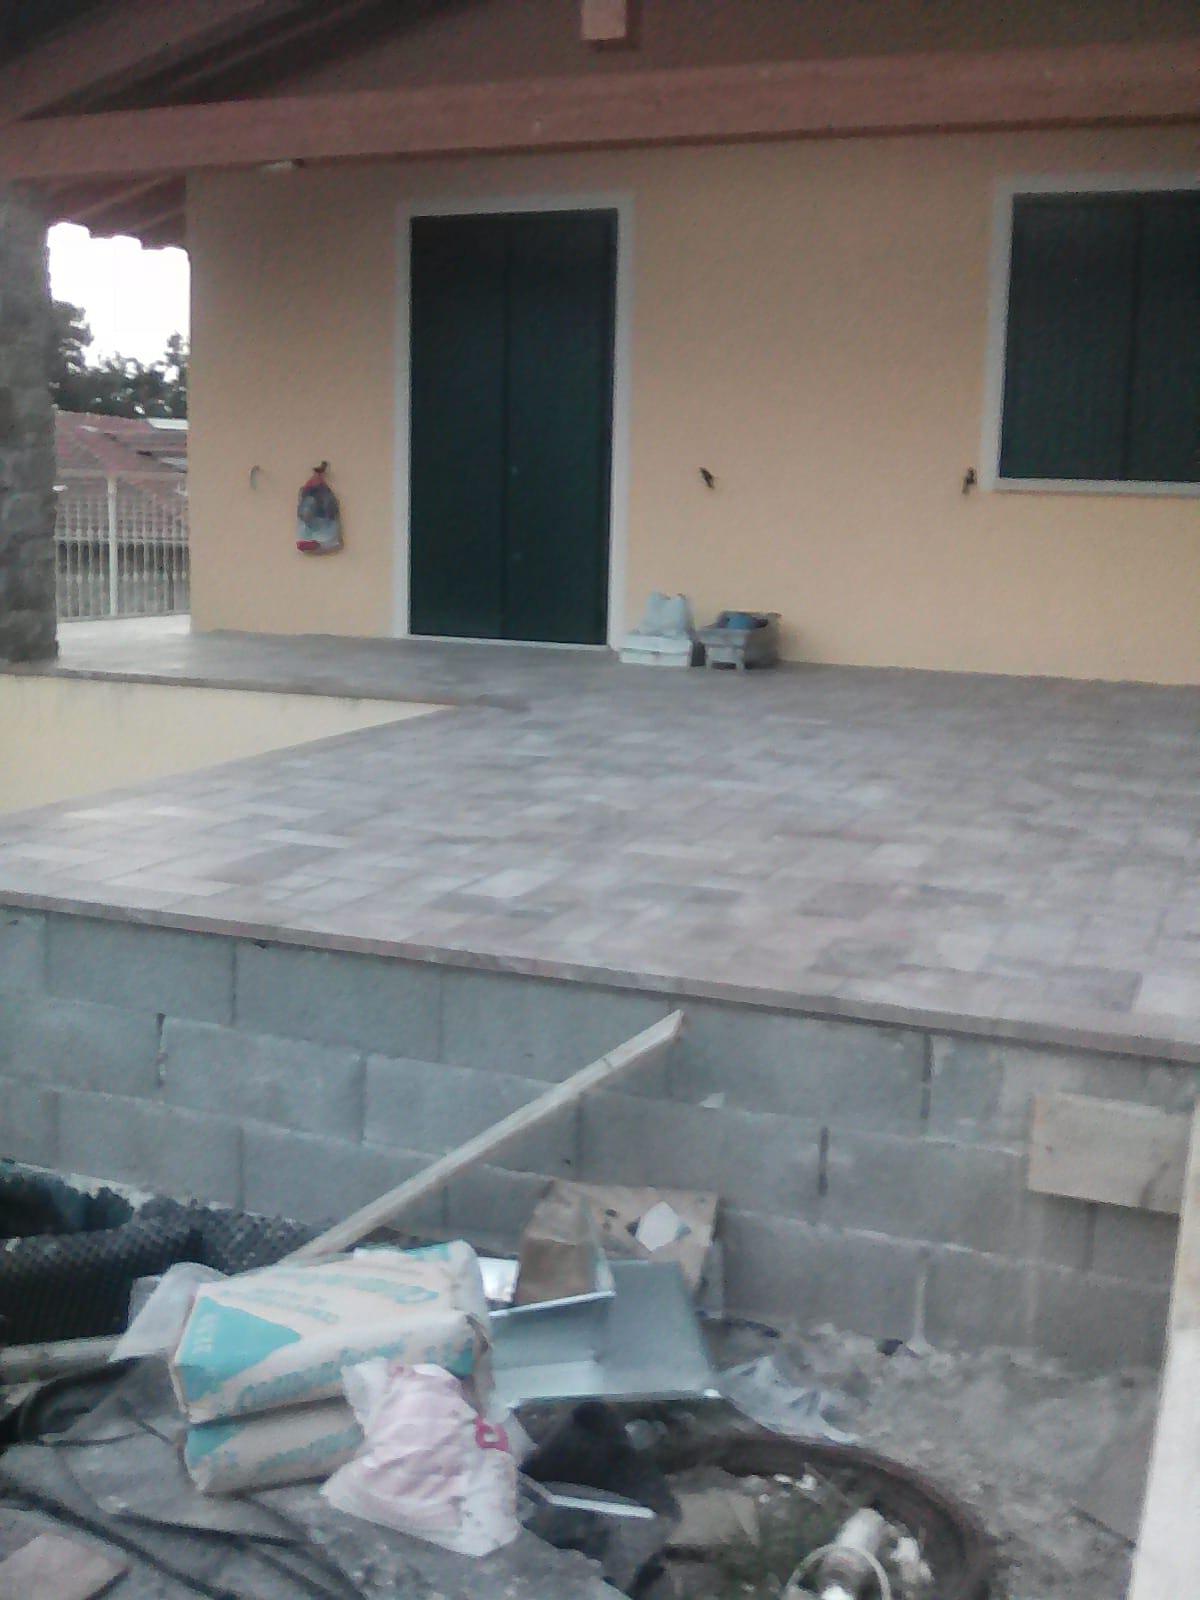 pavimenti edil 900 canossa val d'enza